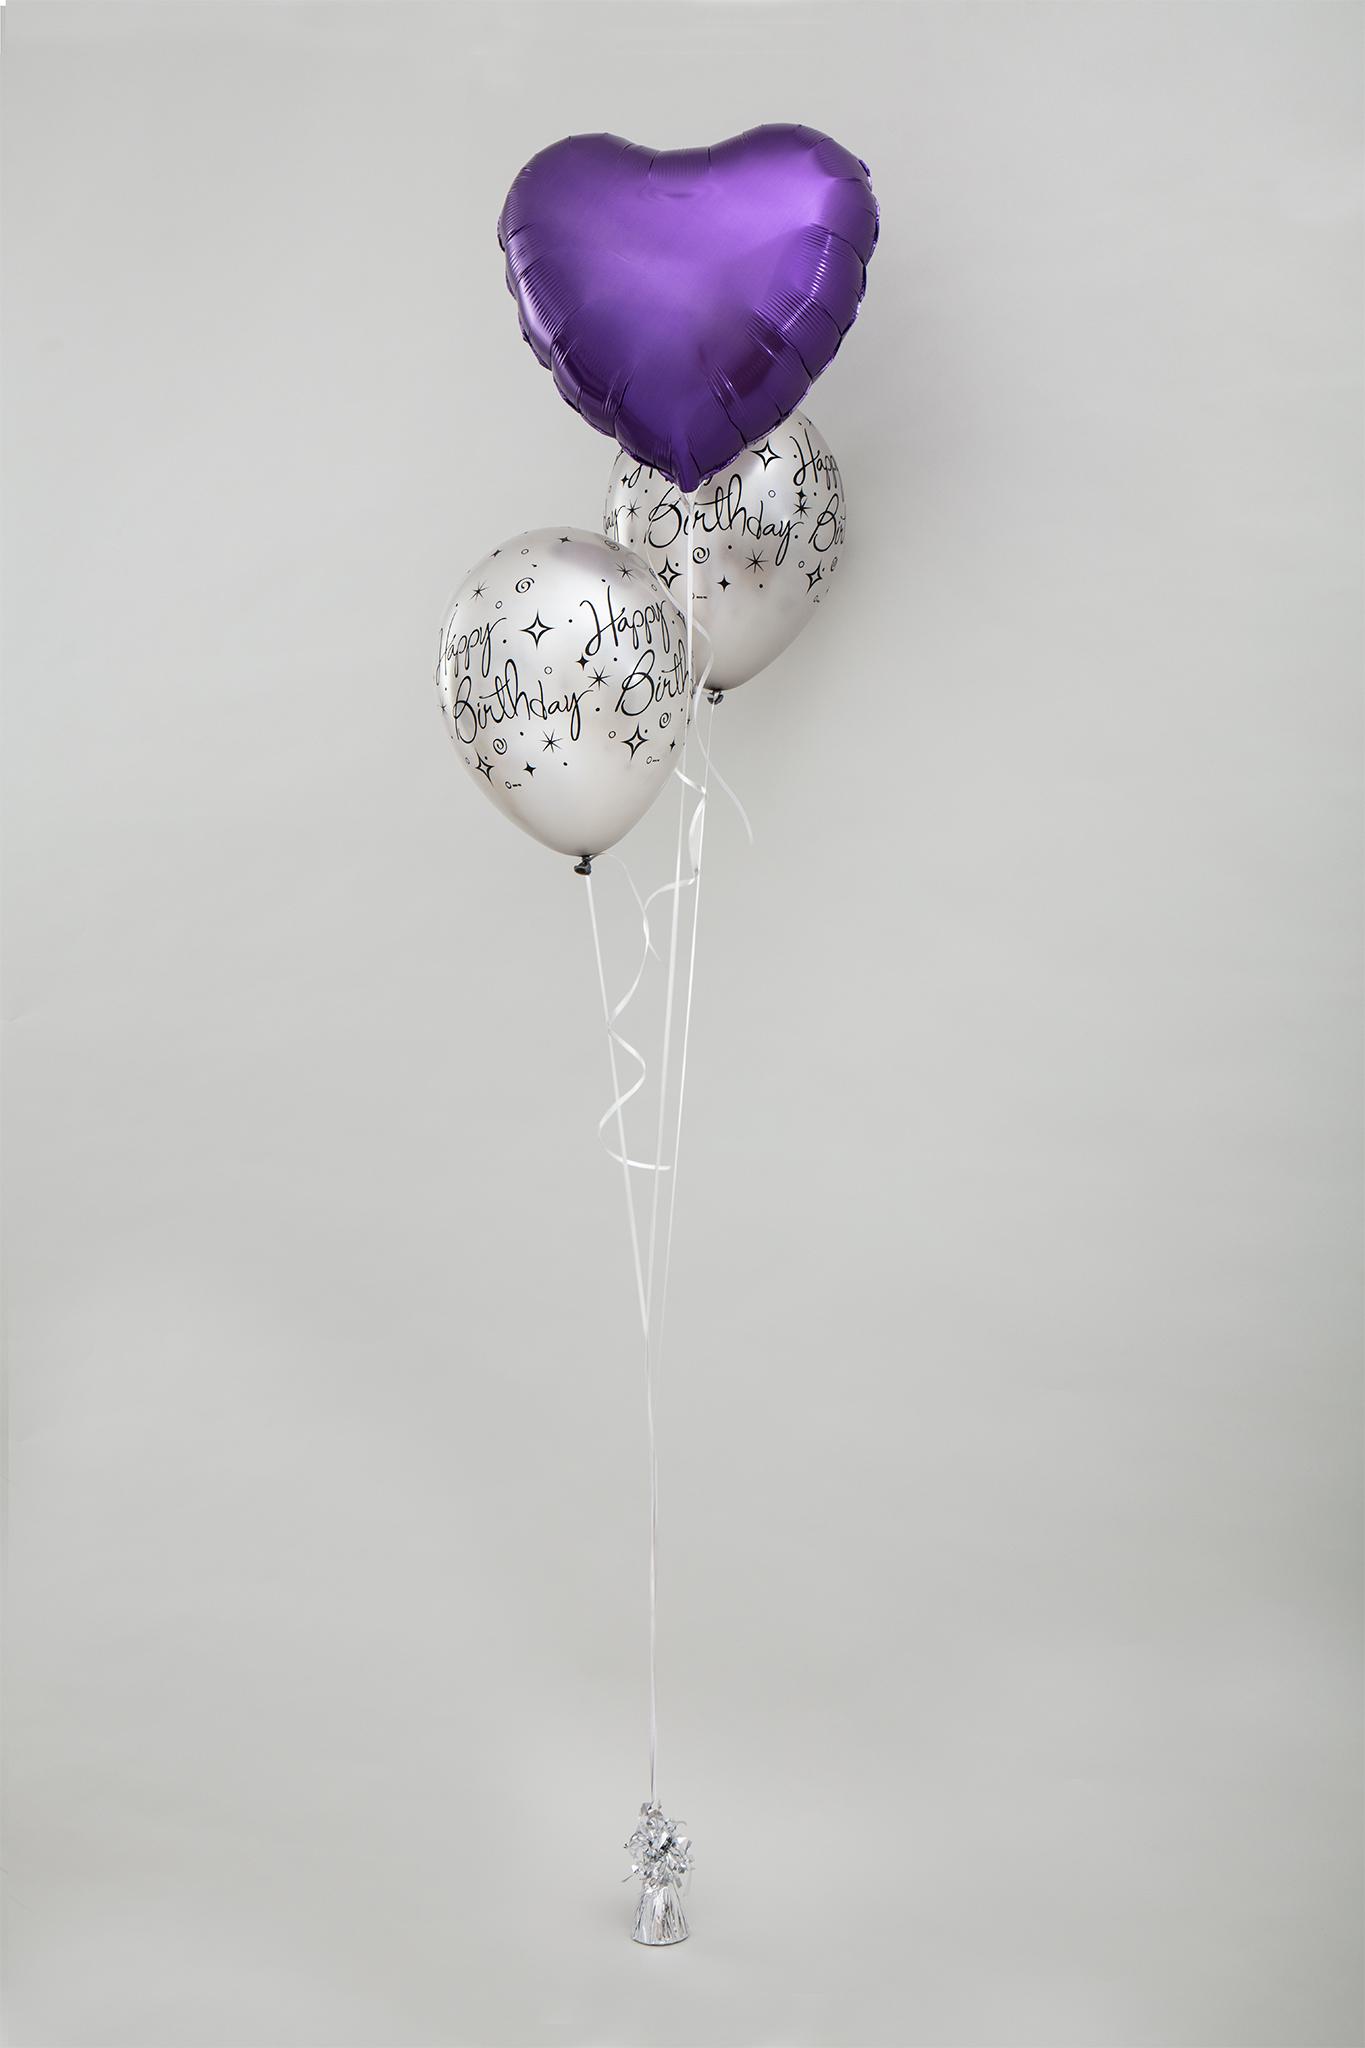 Bouquet aus 2x Latexballon und 1x einfarbiger Folienballon